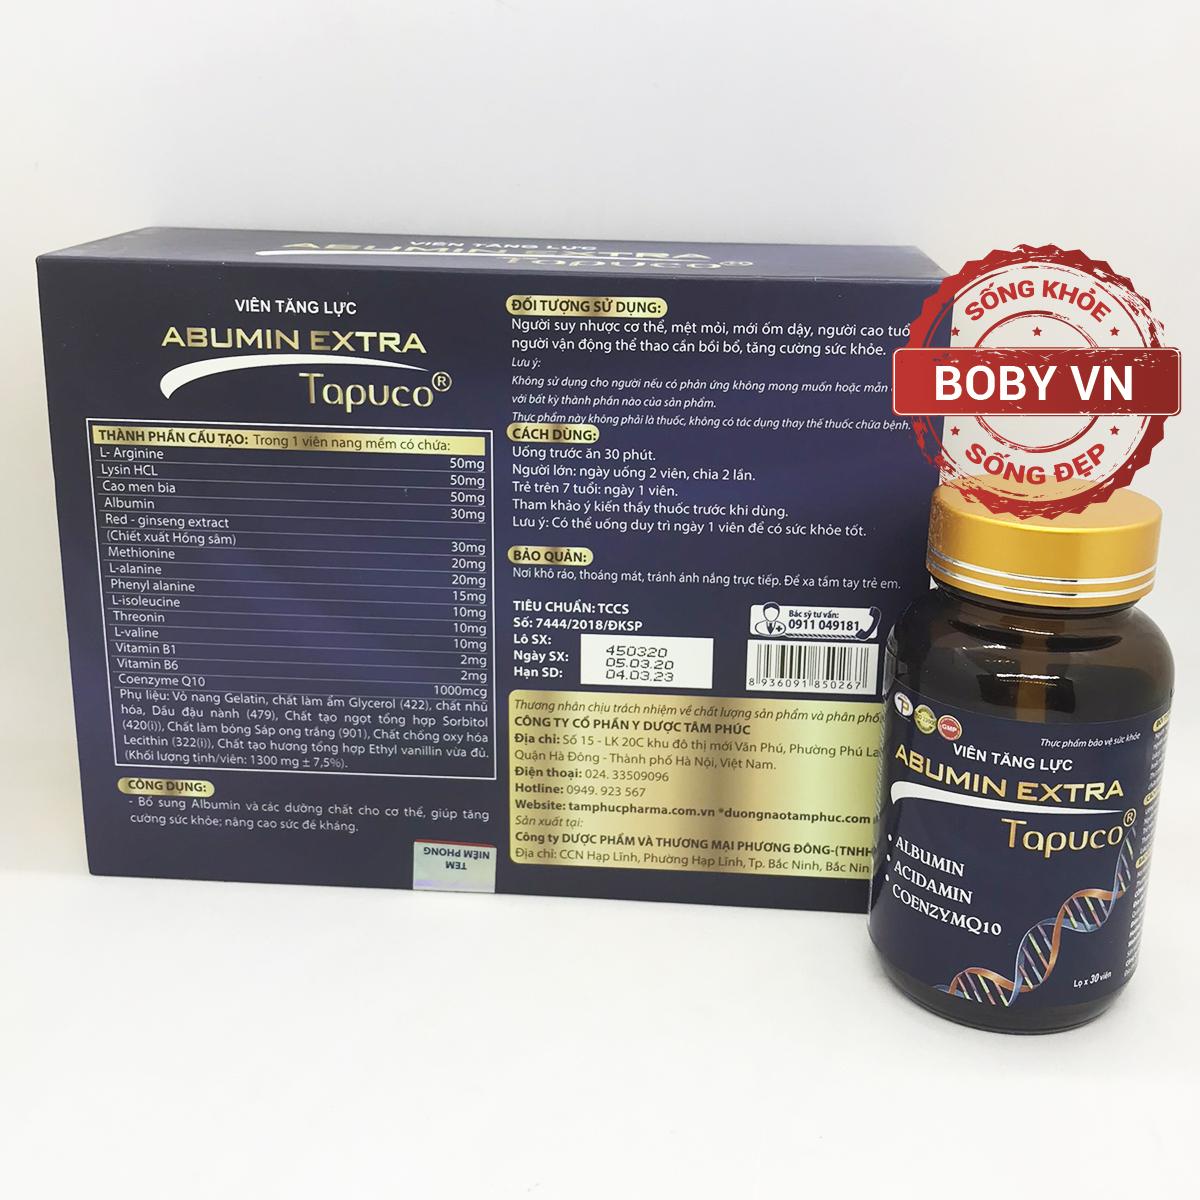 Viên tăng lực Abumin Extra Tapuco nâng cao sức đề kháng, tăng cường sinh lực